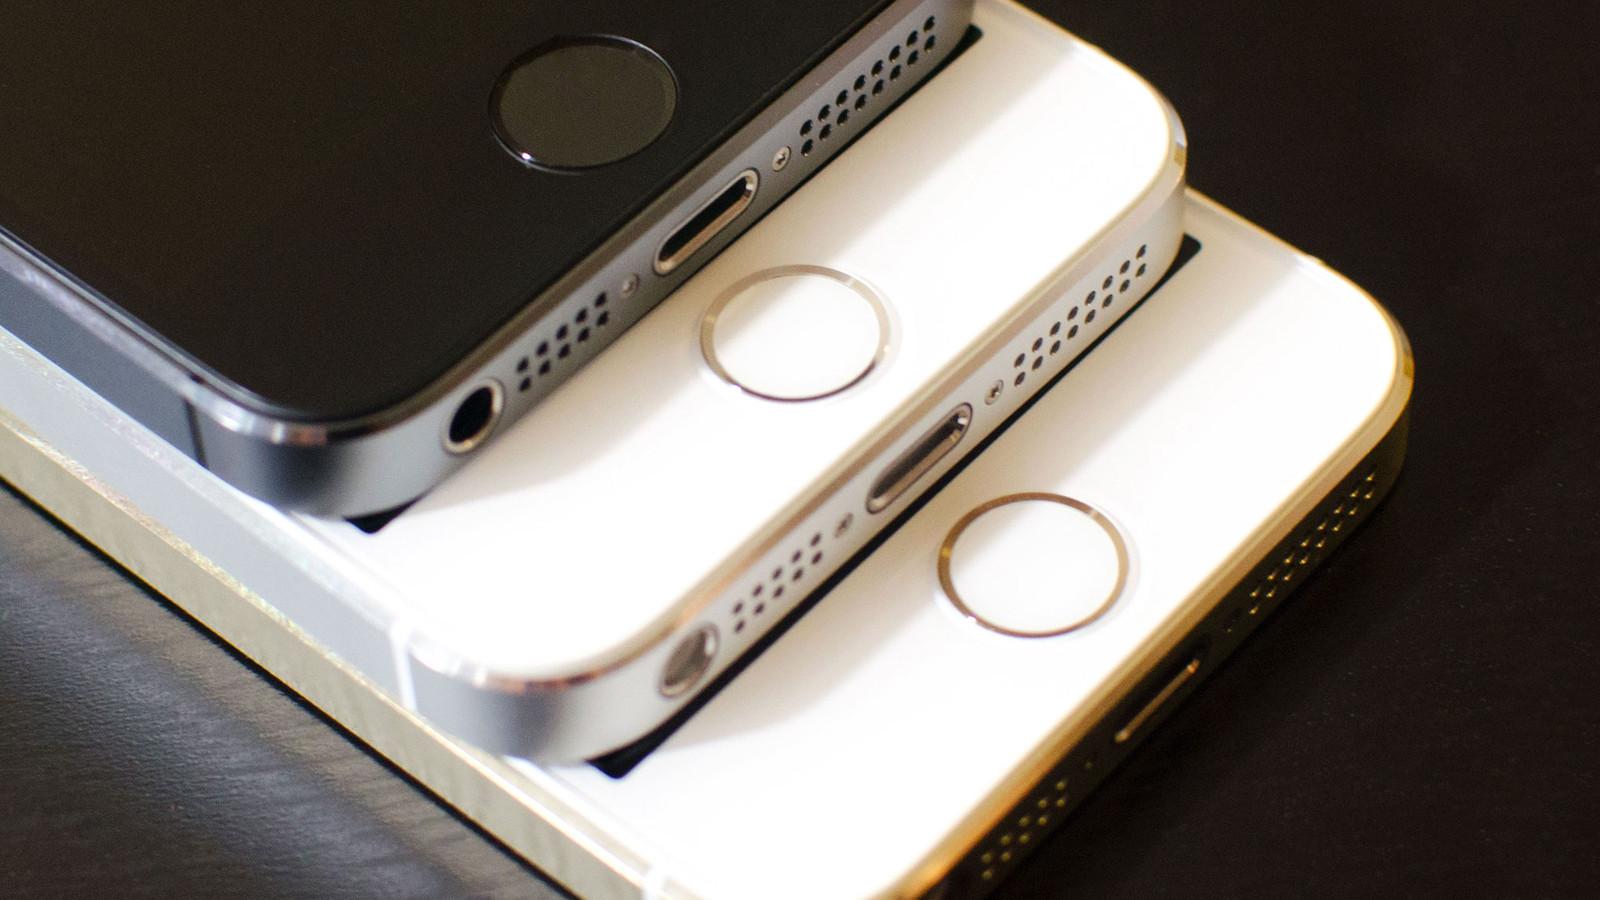 iPhone 5s tiên phong công nghệ vân tay, nhưng iPhone 8 mới là kẻ đột phá 3